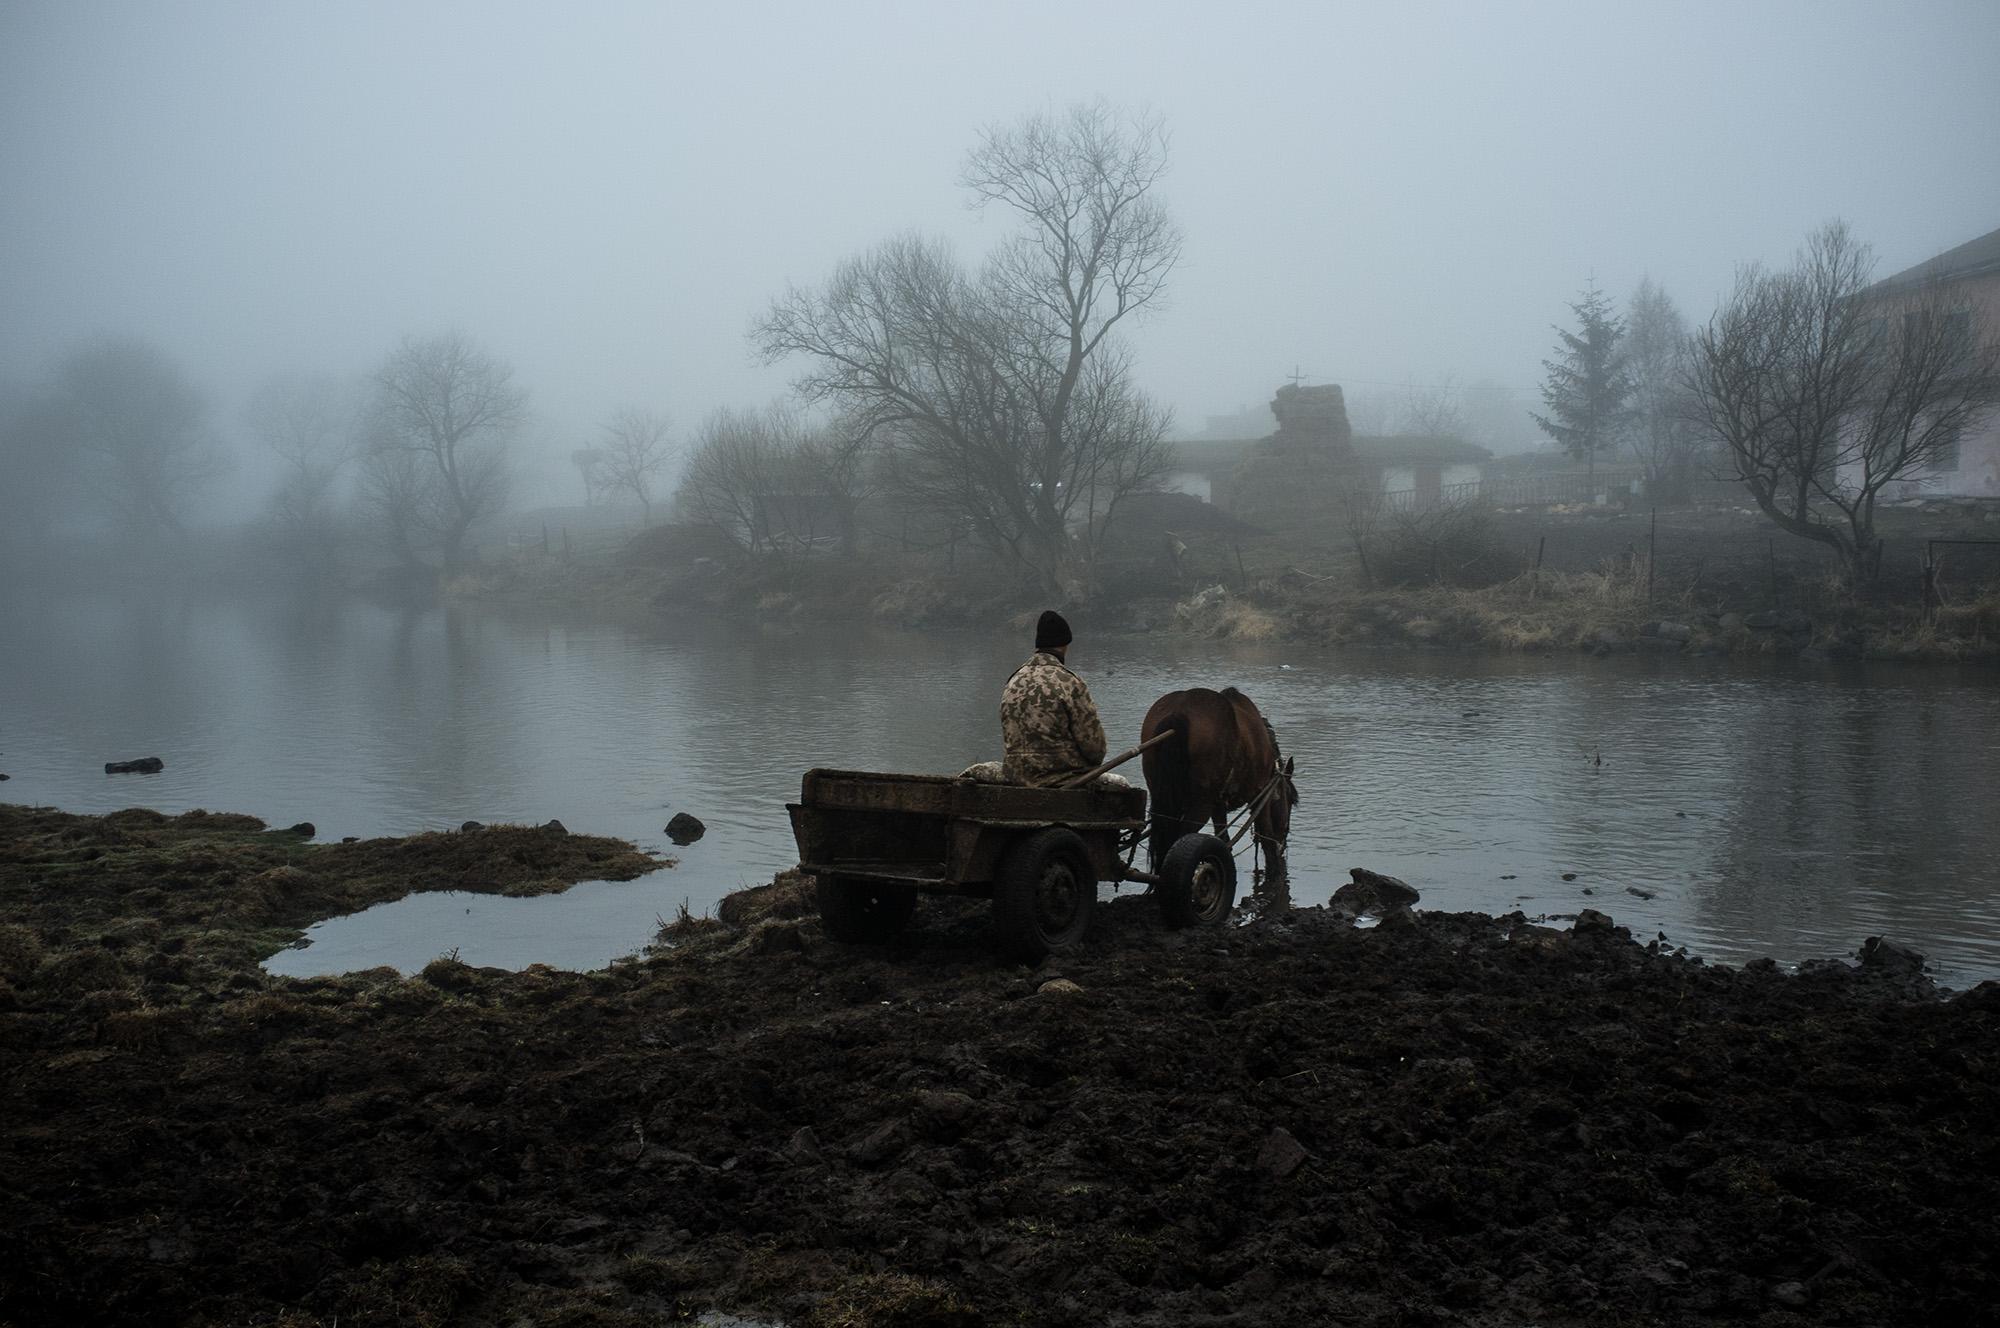 The Doukhobors' Land (2), by Natela Grigalashvili